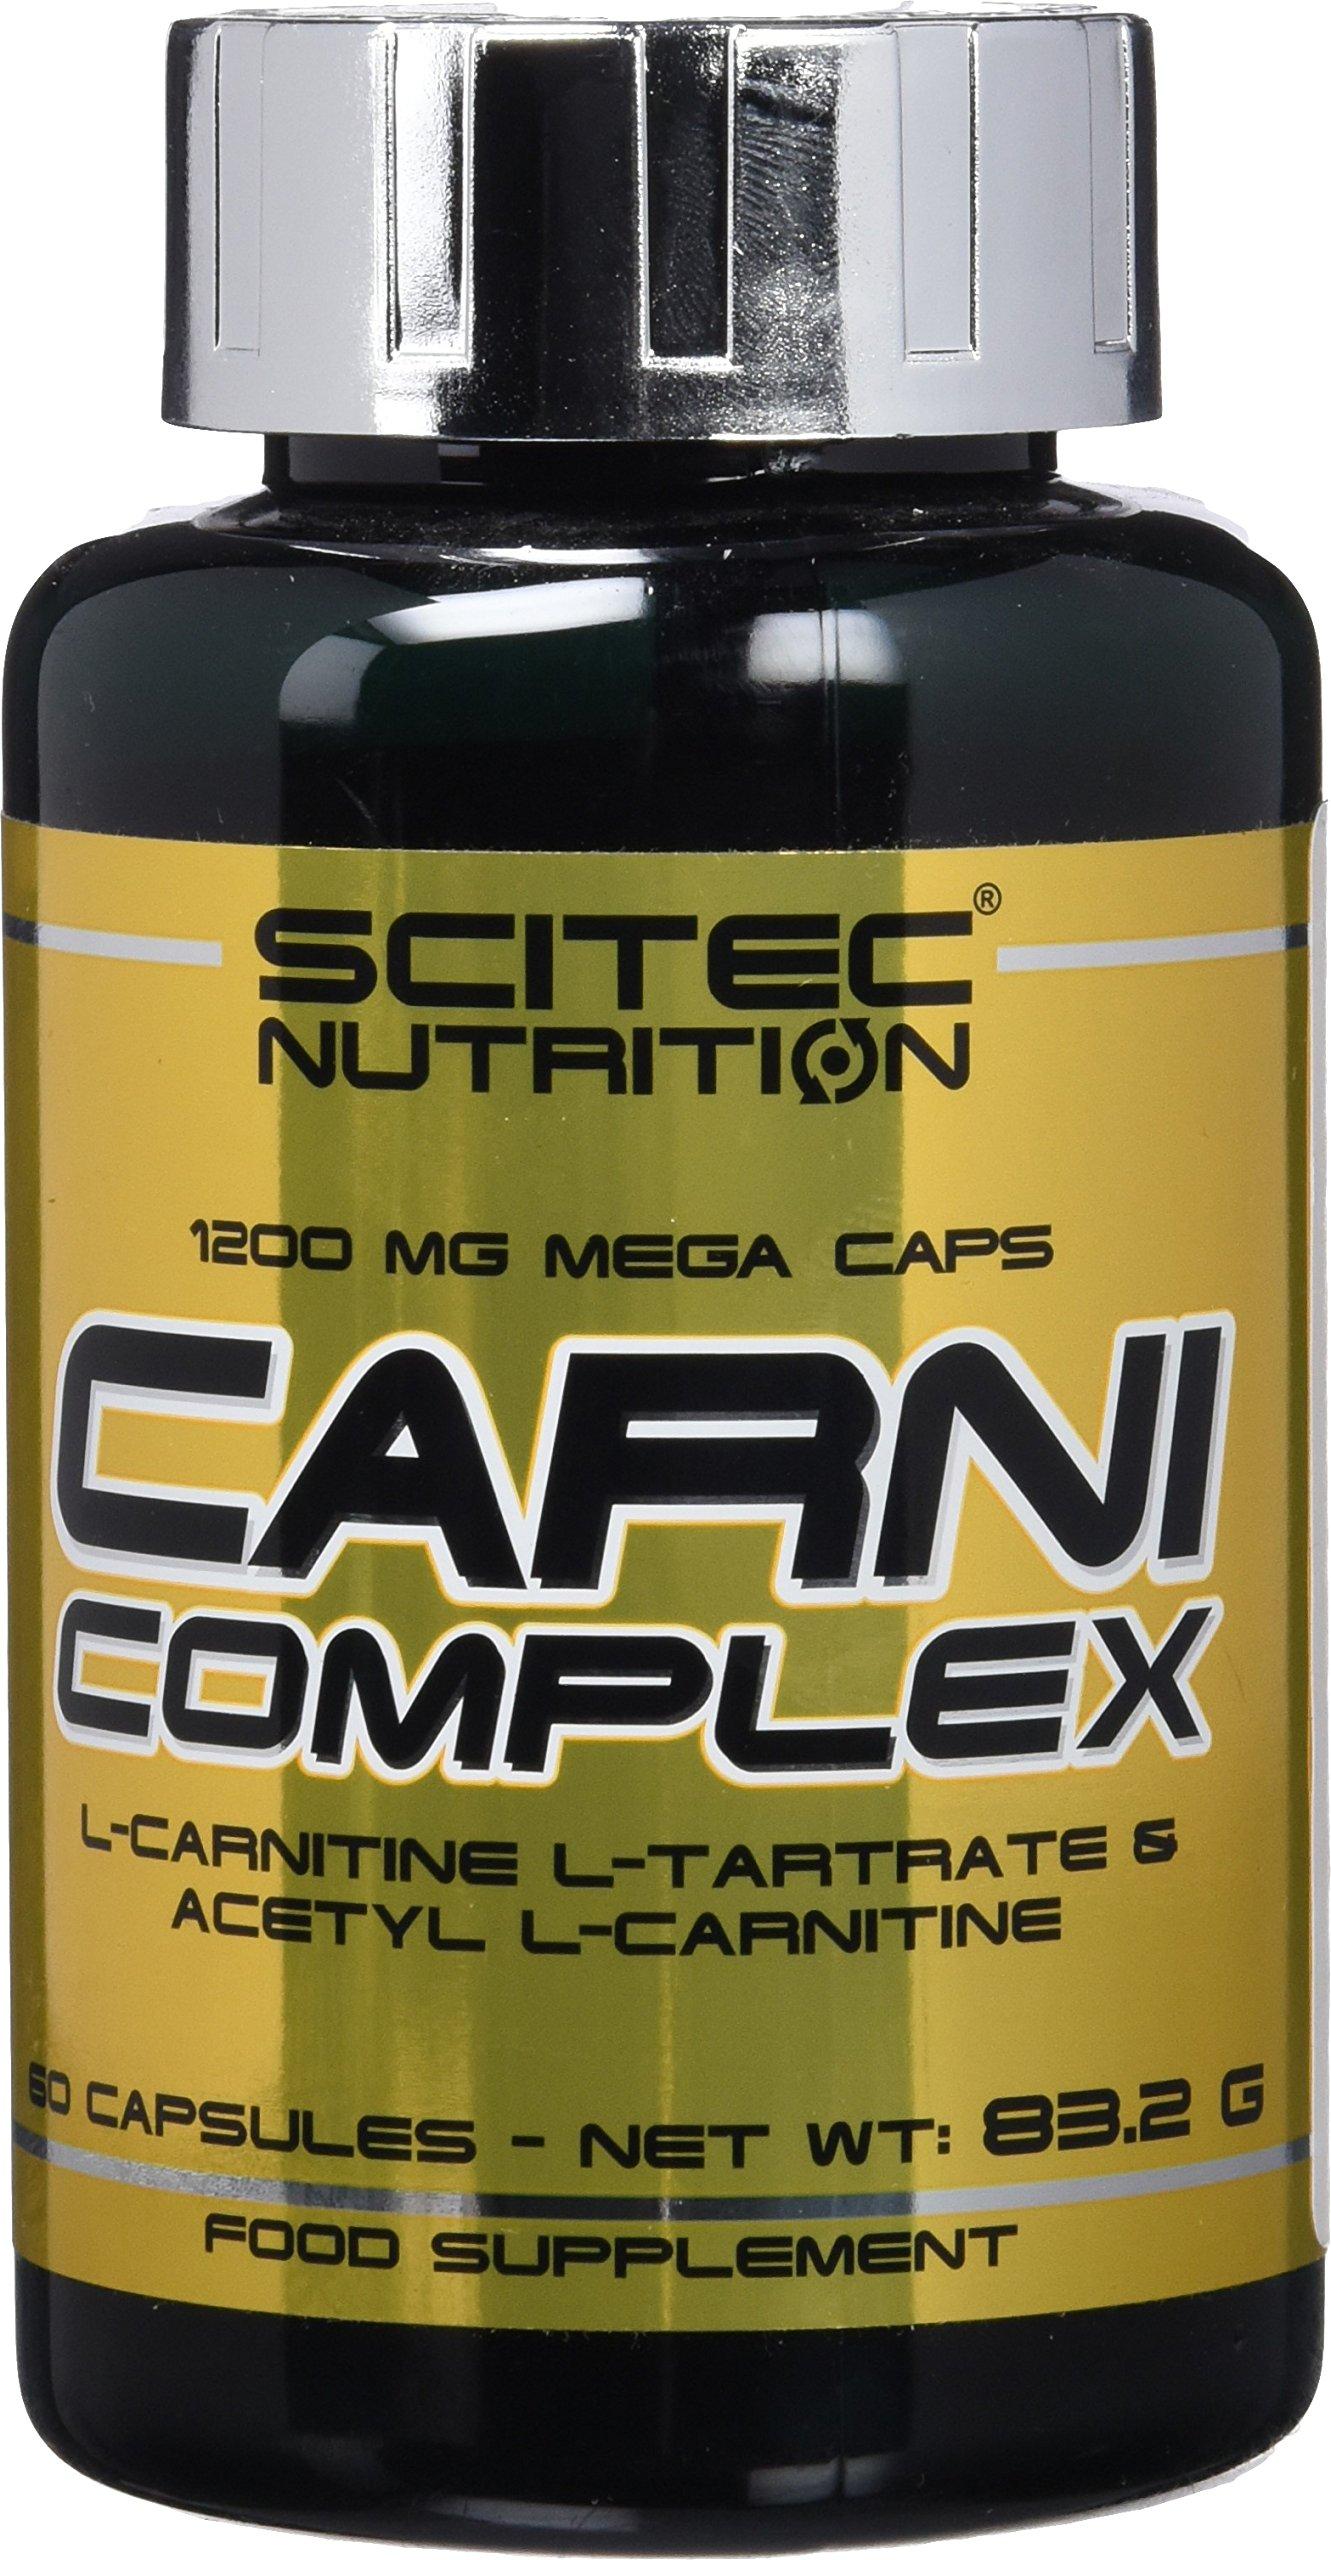 Carni complex - 60 capsules - Scitec nutrition